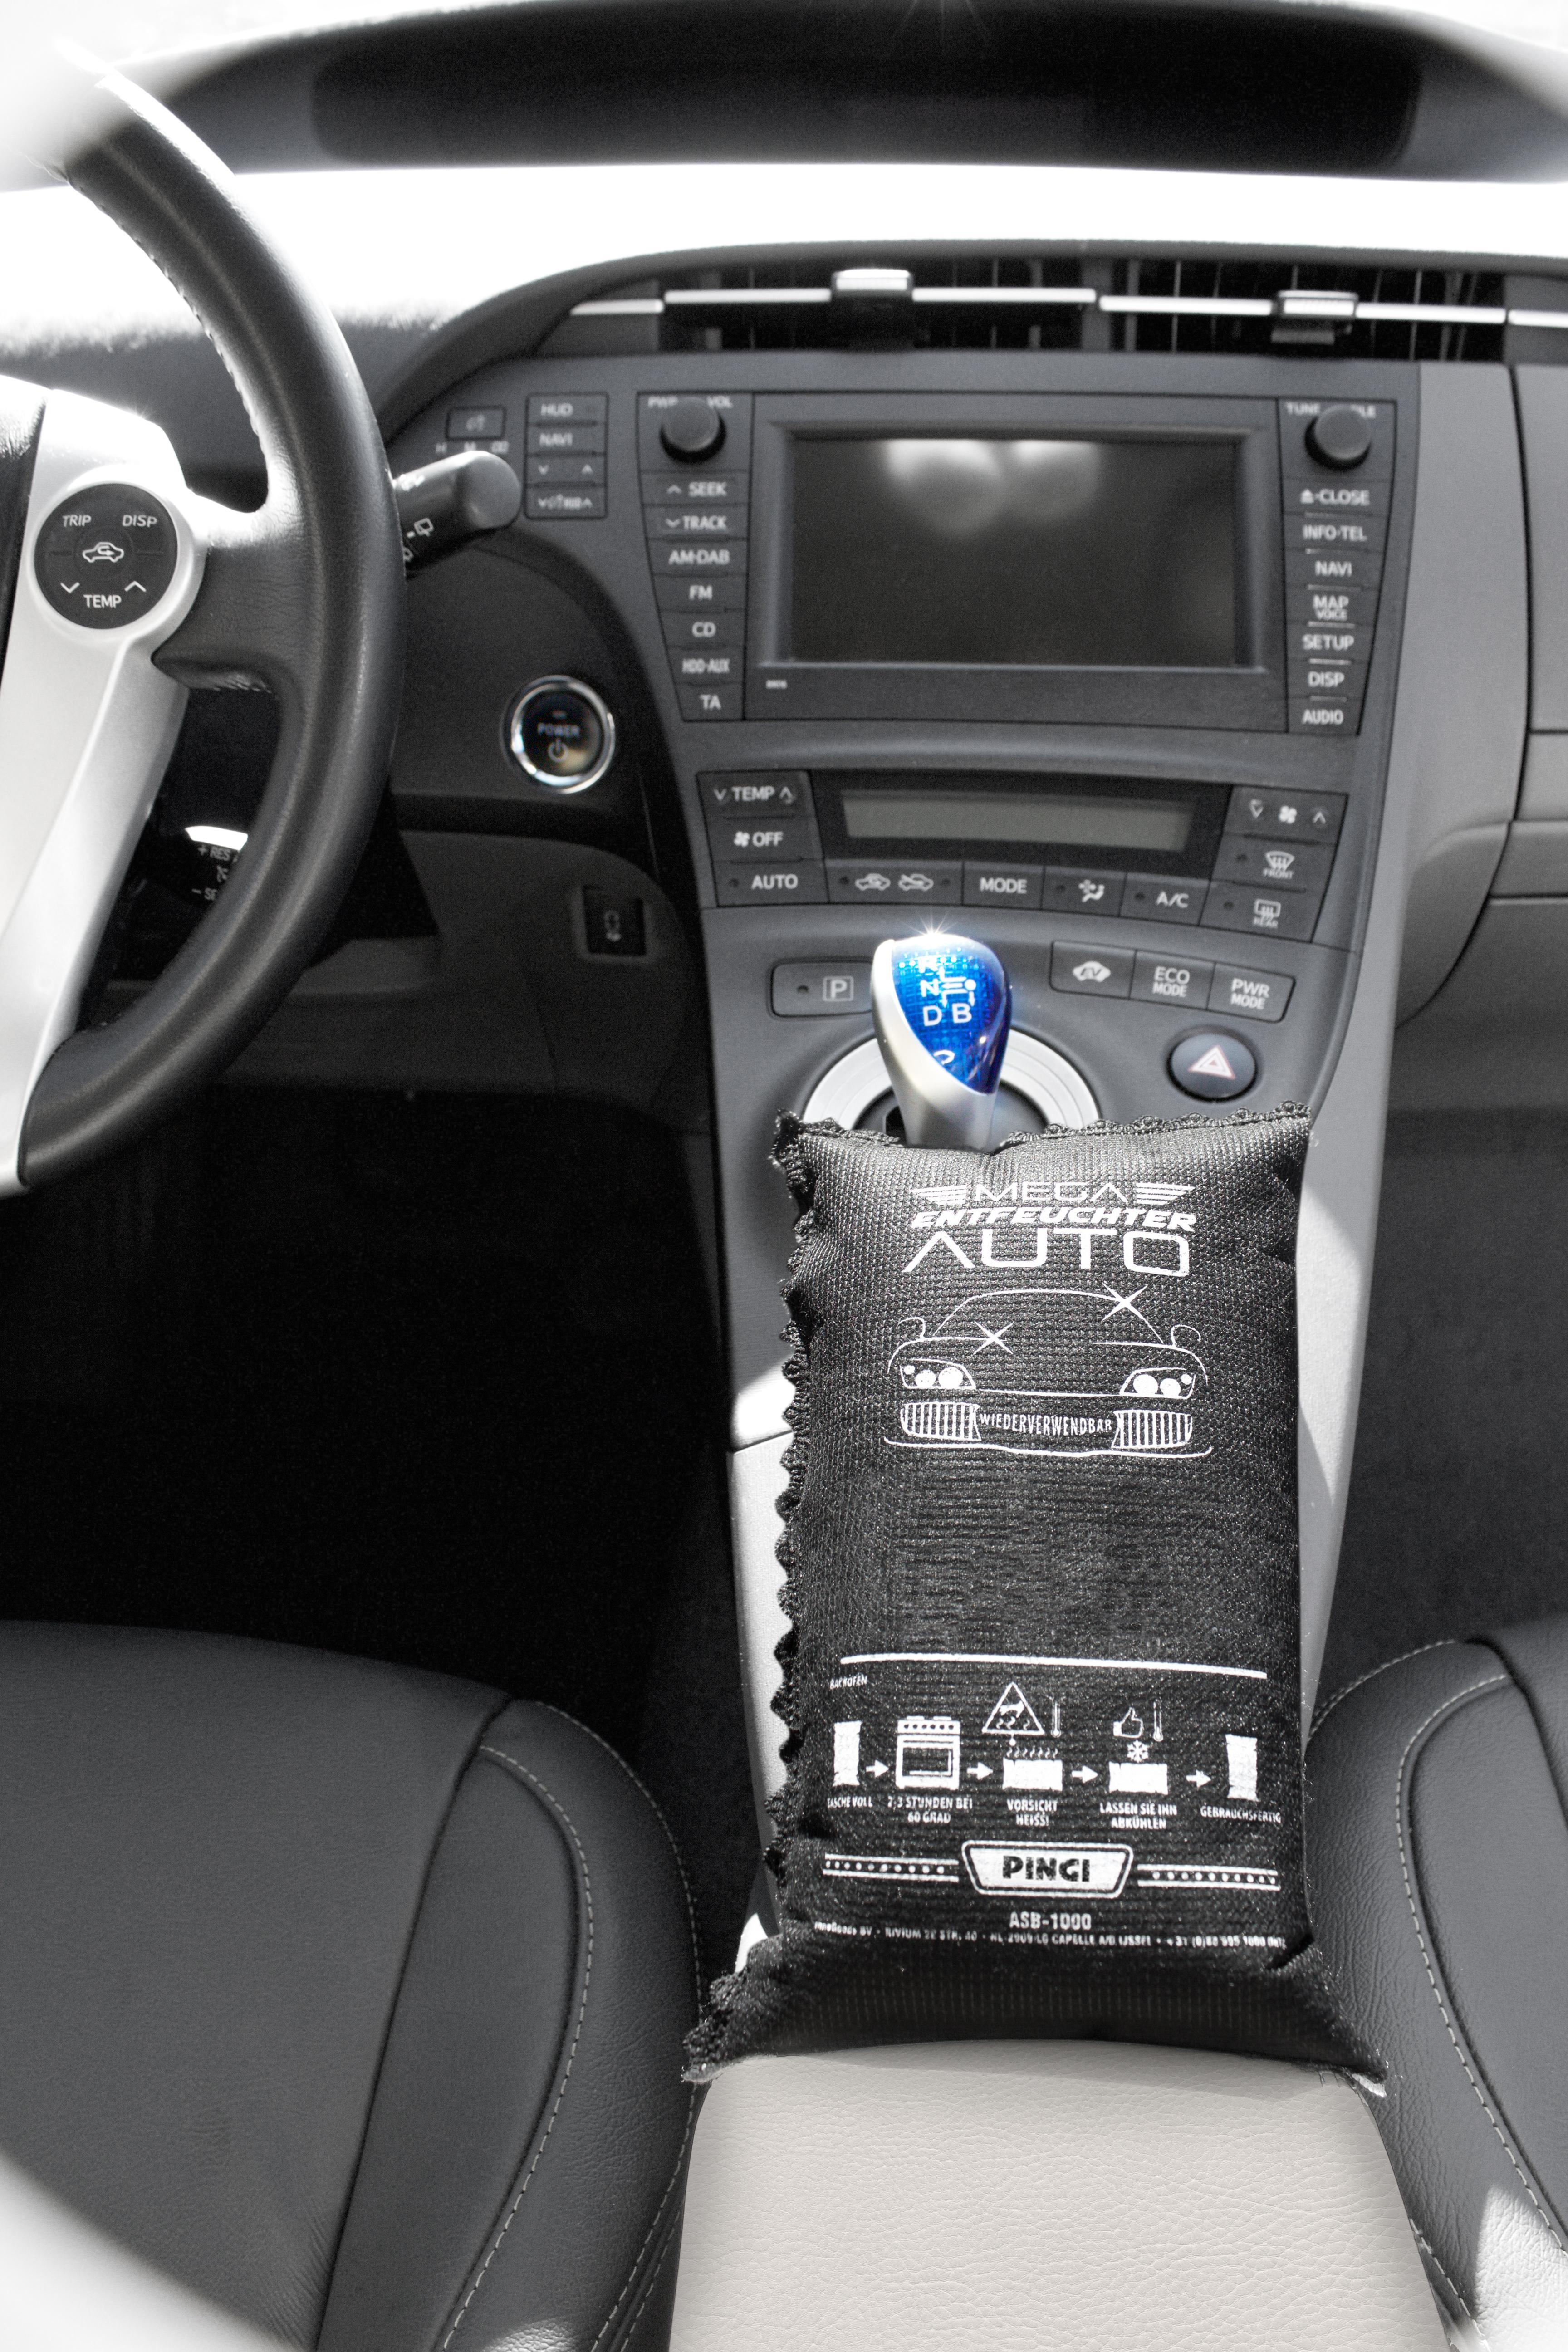 ASB-1000-DE Luftentfeuchter Auto PINGI Erfahrung